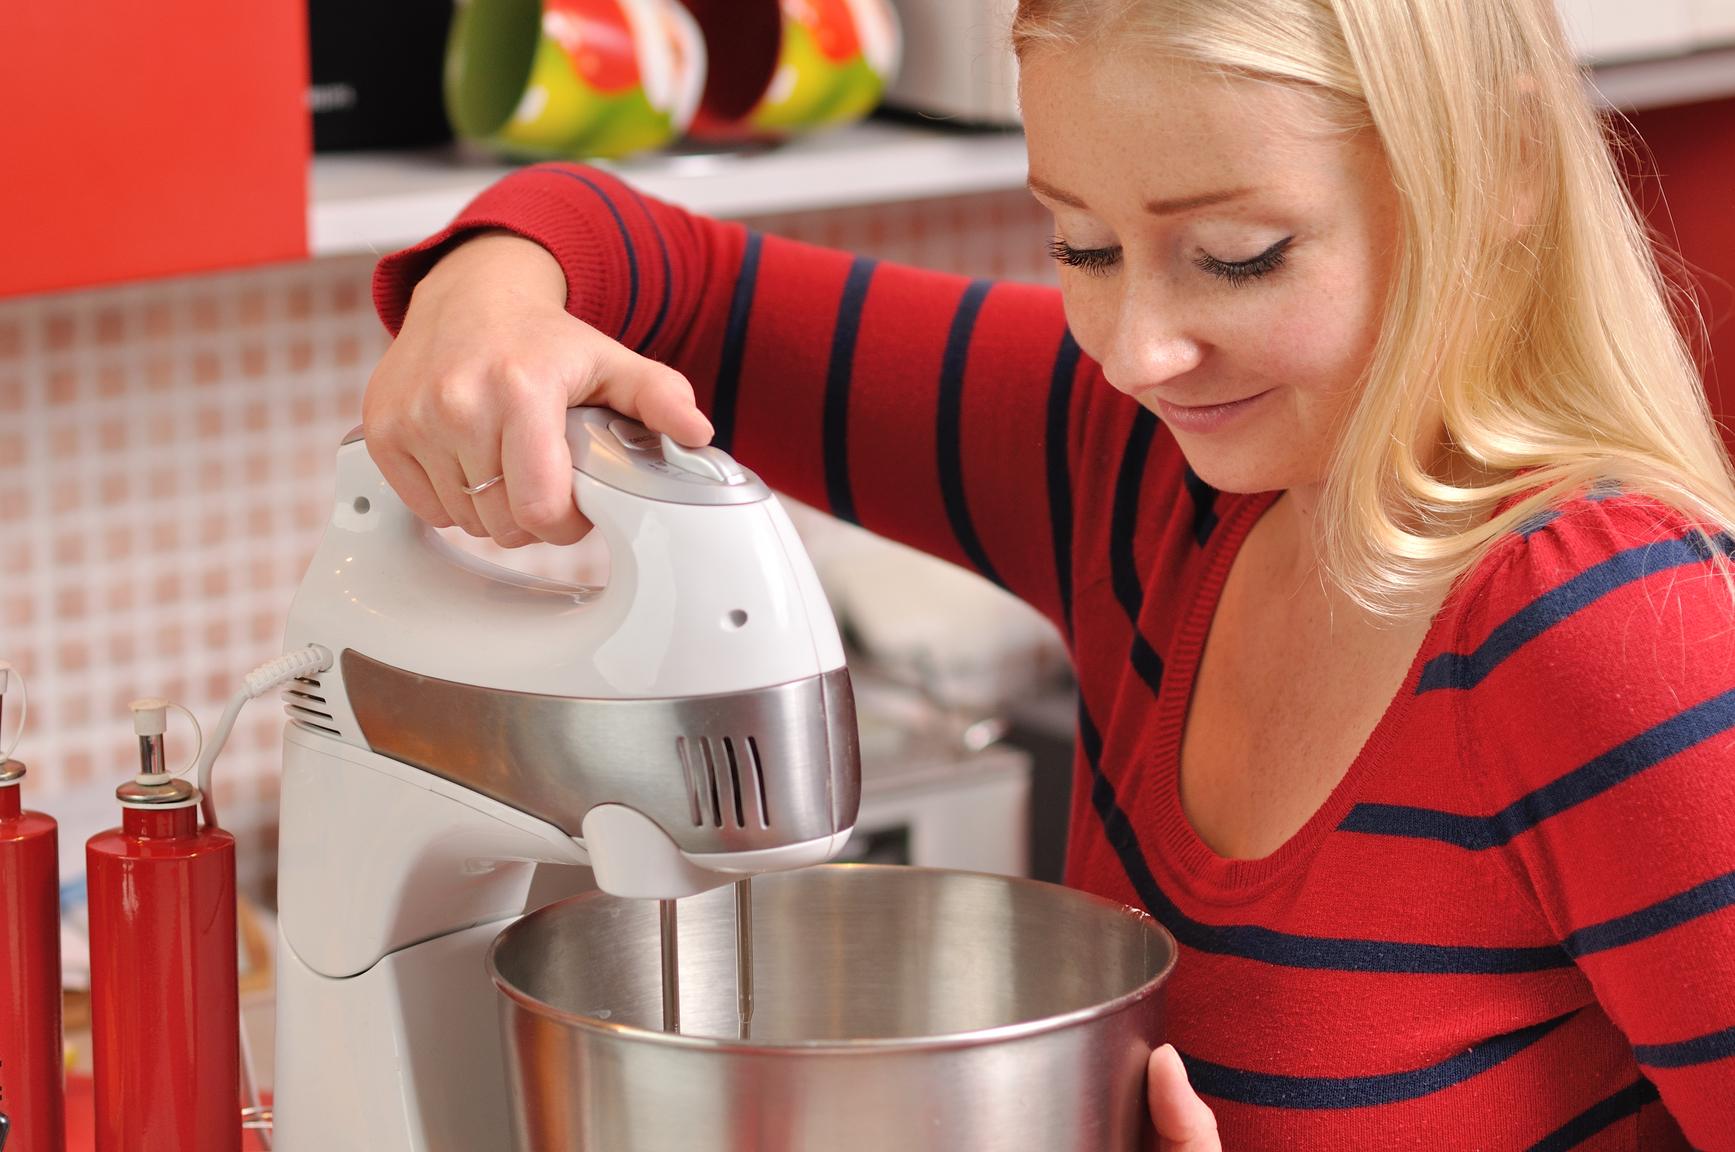 migliori robot da cucina bosch per cucinare risparmiando tempo e denaro